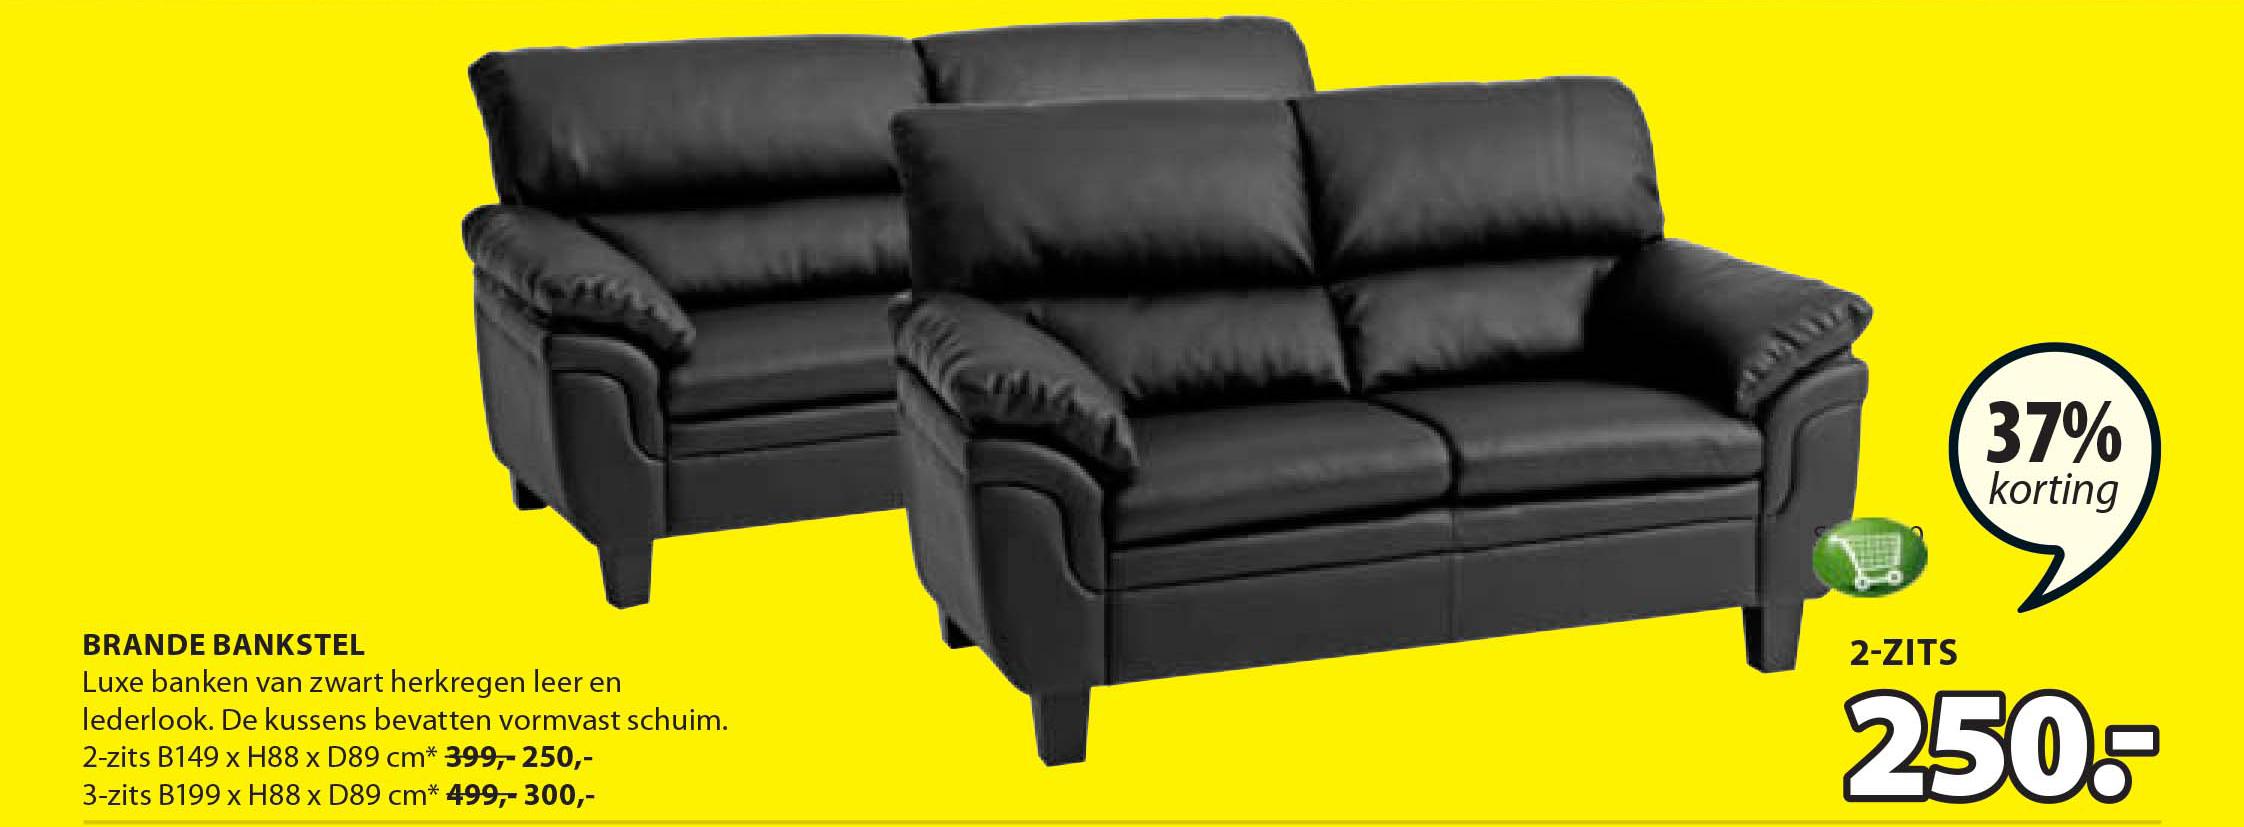 Hoekbank Zwart Leer Ikea.Whkmp S Own Eco Leren 4 Zitsbank Lexington Aanbieding Bij Wehkamp